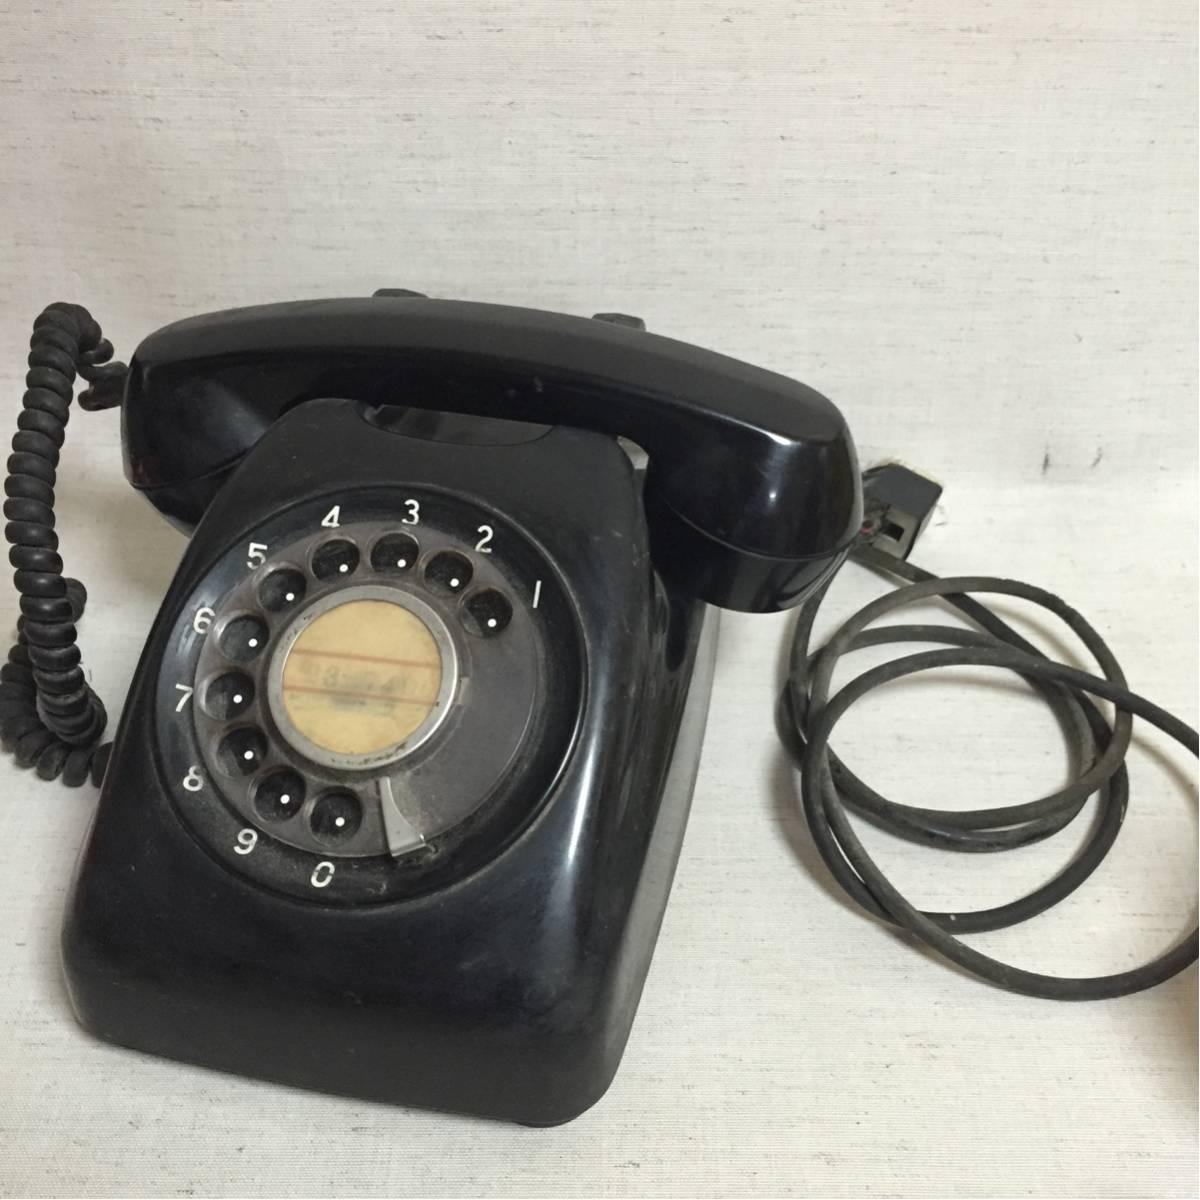 ほ19) 昭和 黒電話 インテリア600-A2 72 汚れ有り